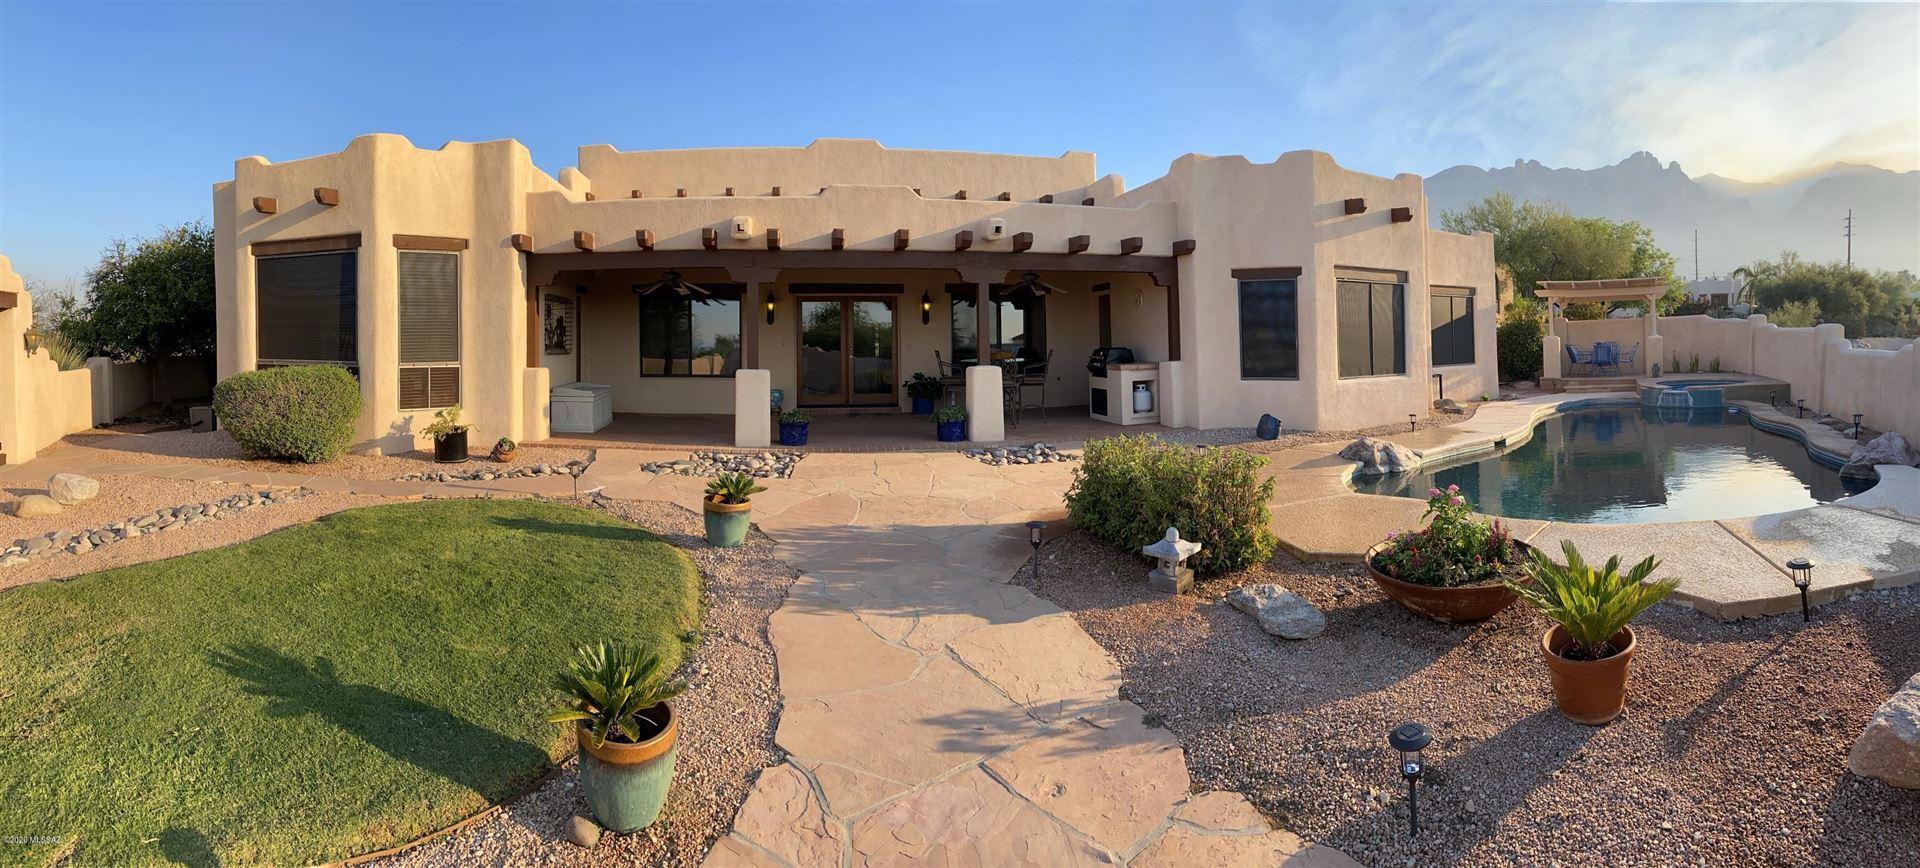 3005 E Manzanita Ridge Place, Tucson, AZ 85718 - MLS#: 22015338